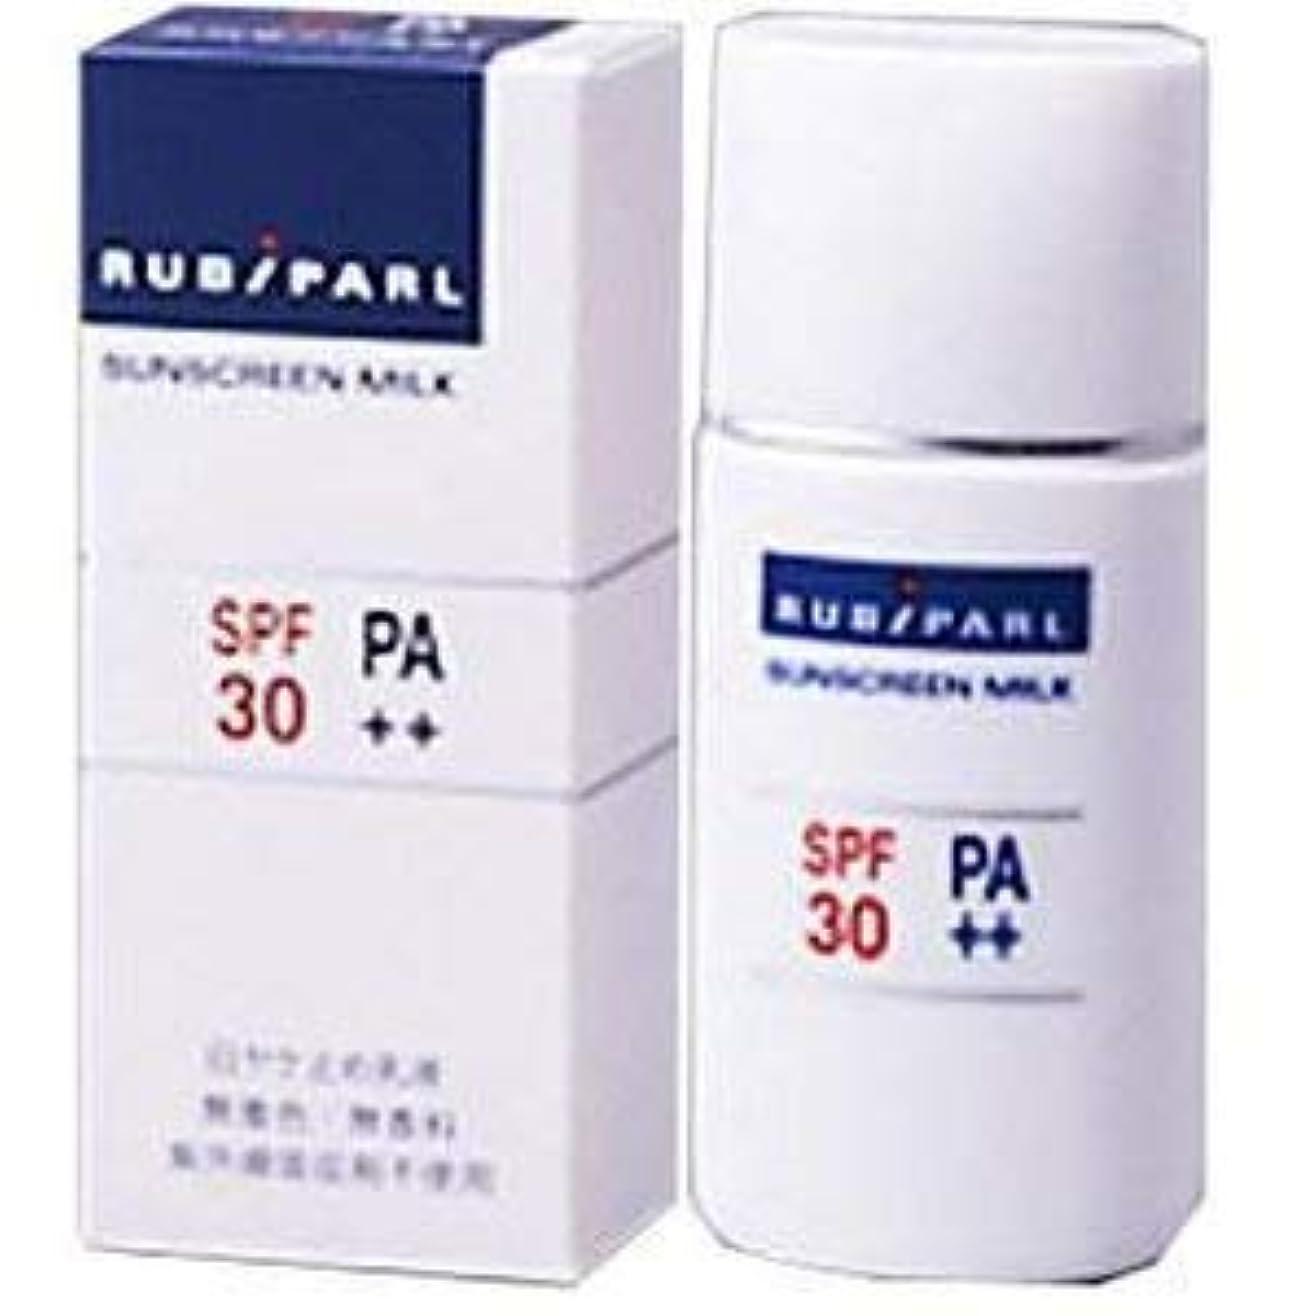 薄いです関数救出ルビパール サンスクリーンミルク 日ヤケ止め乳液 SPF30 PA++ 30mLx3個セット